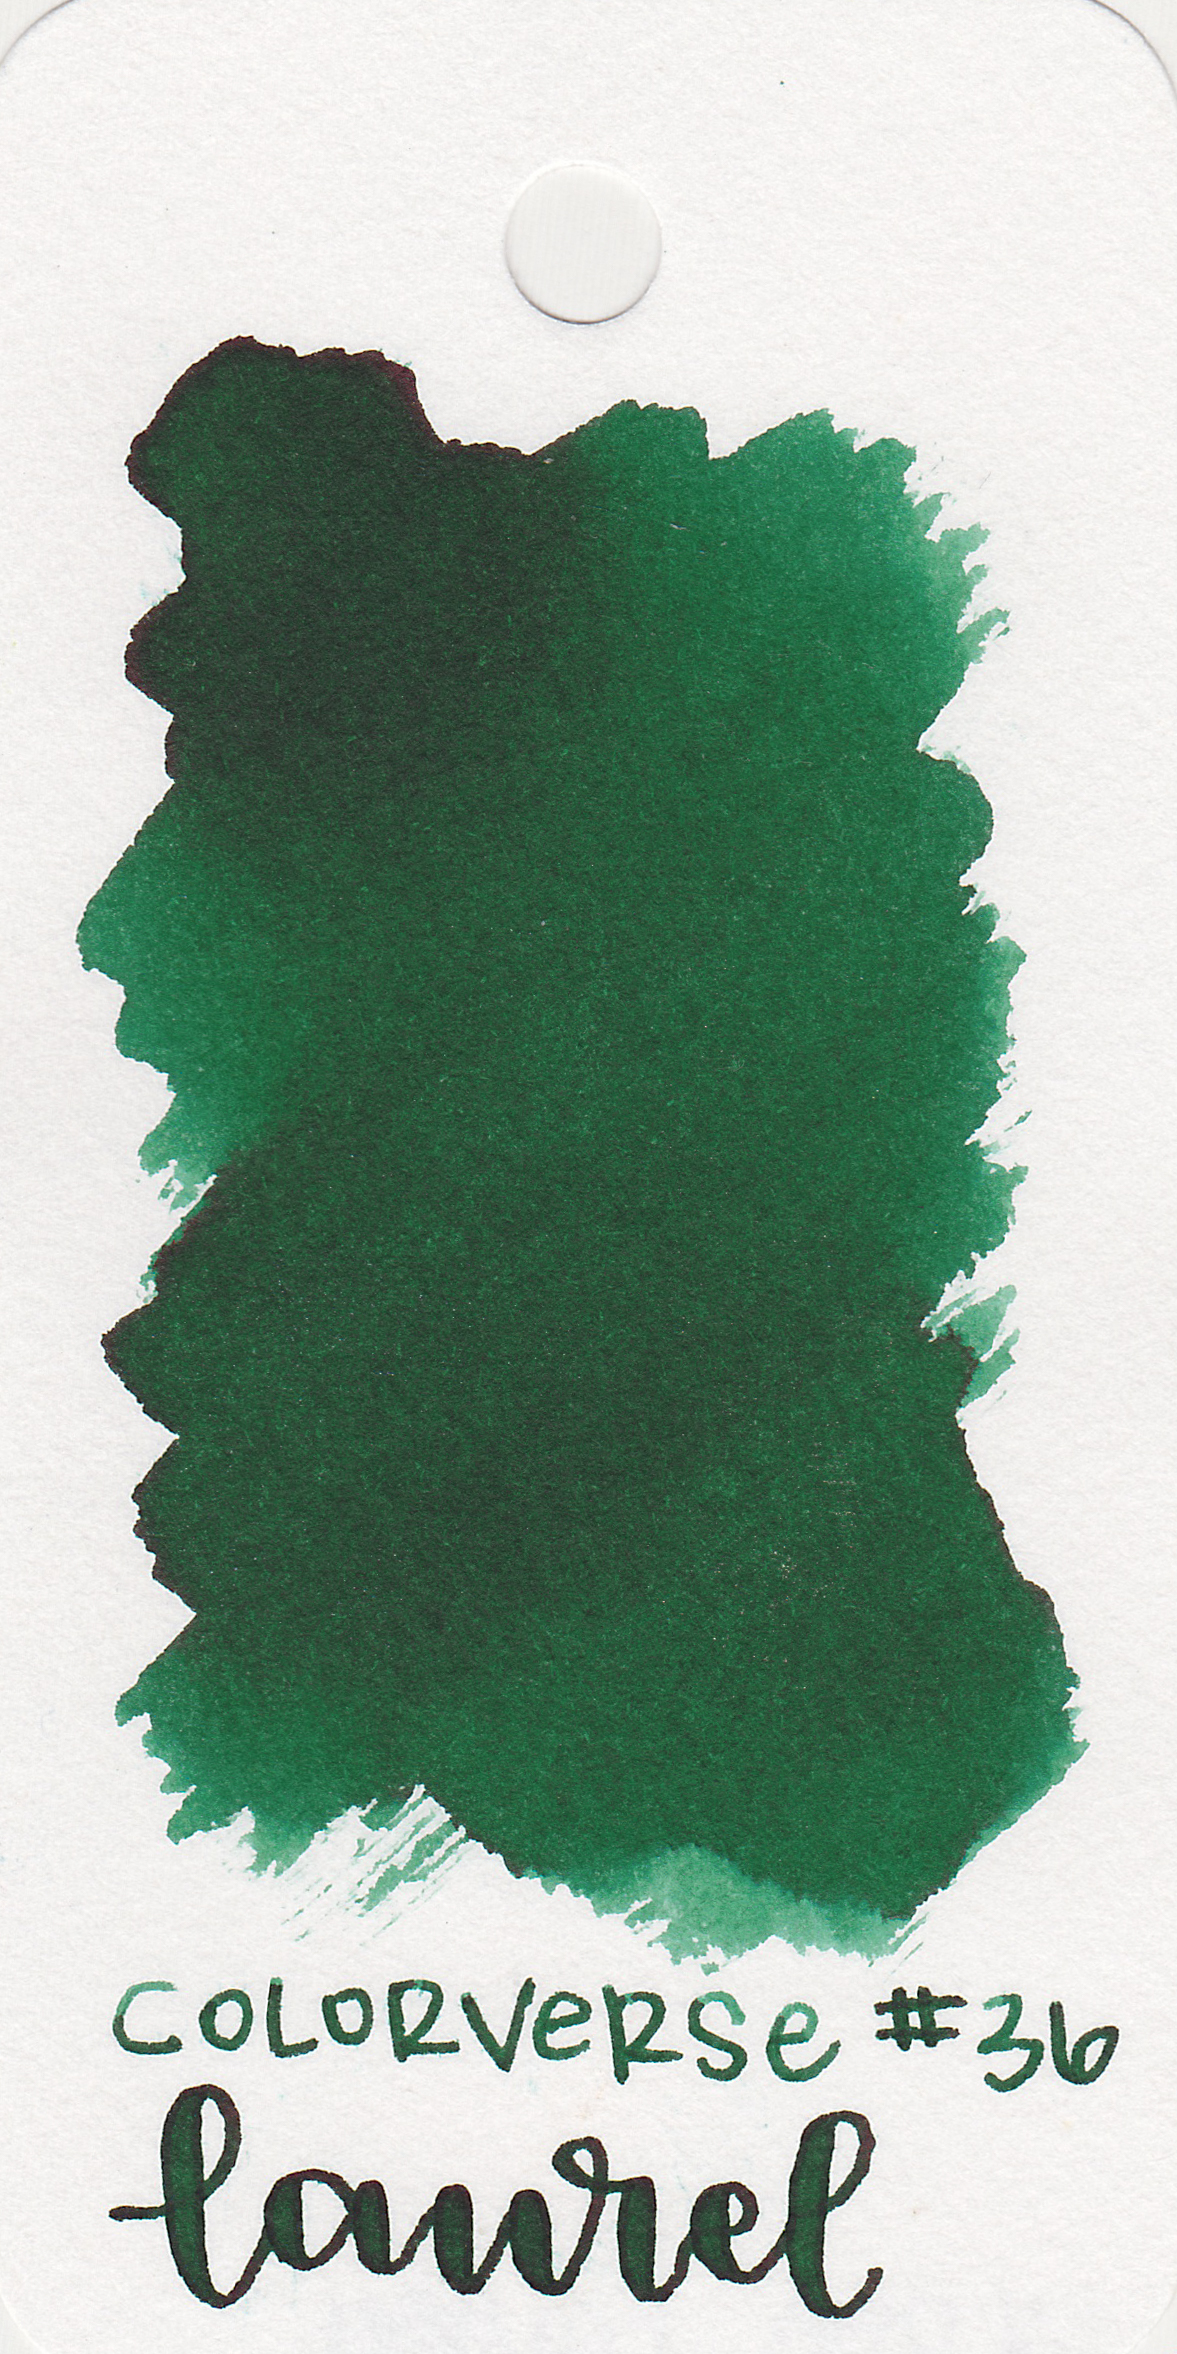 cv-laurel-1.jpg